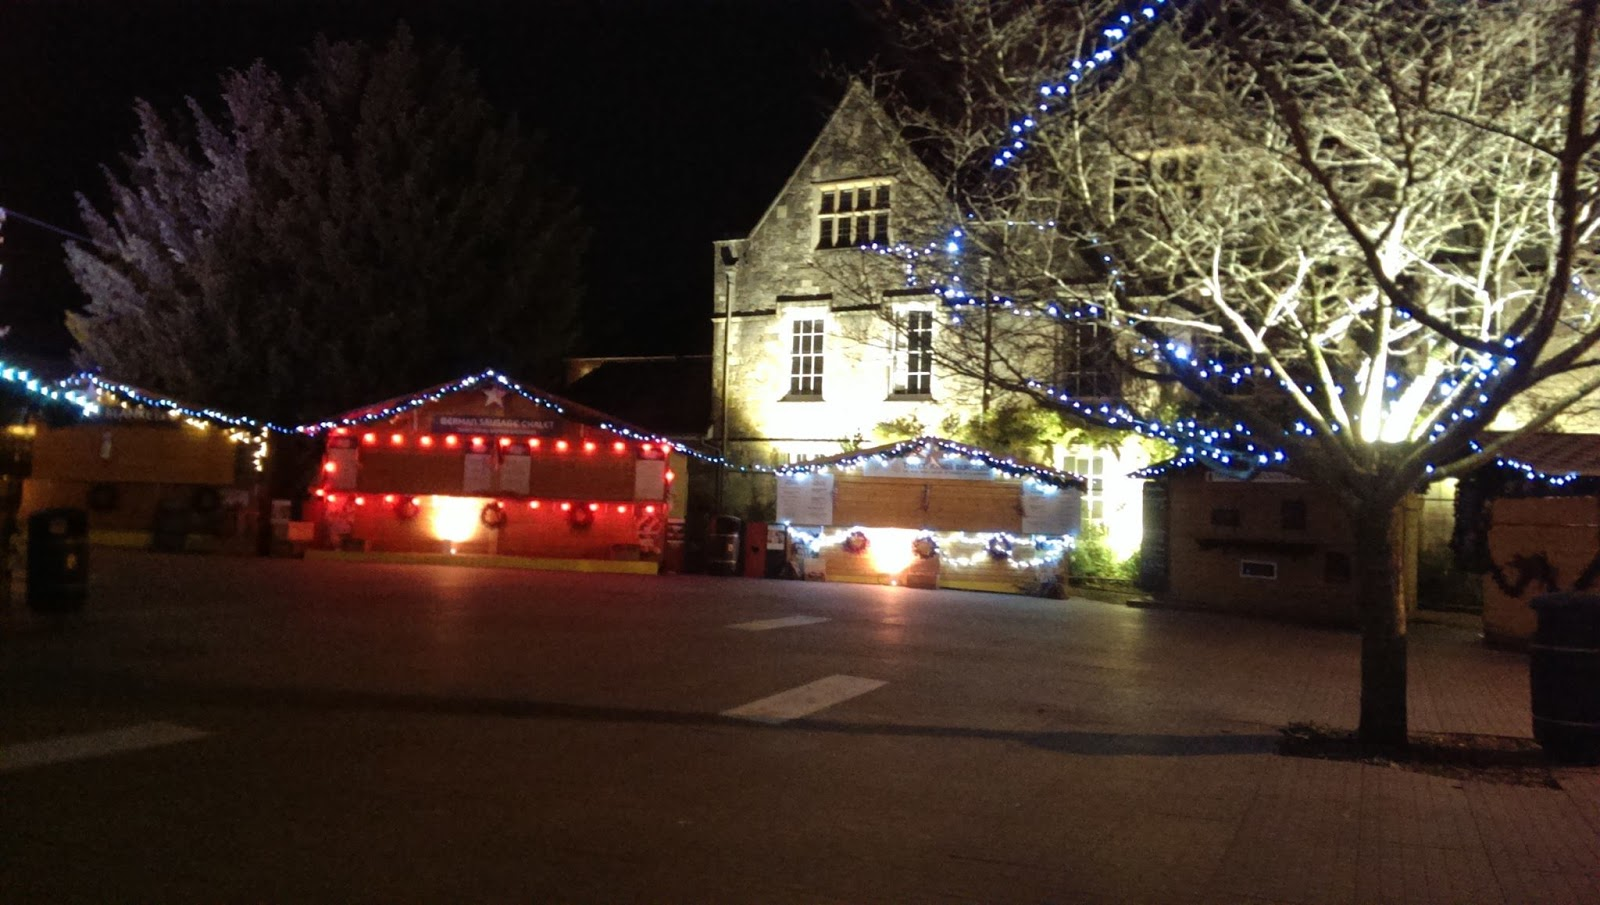 lebellelavie - The Winchester Christmas Market 2015